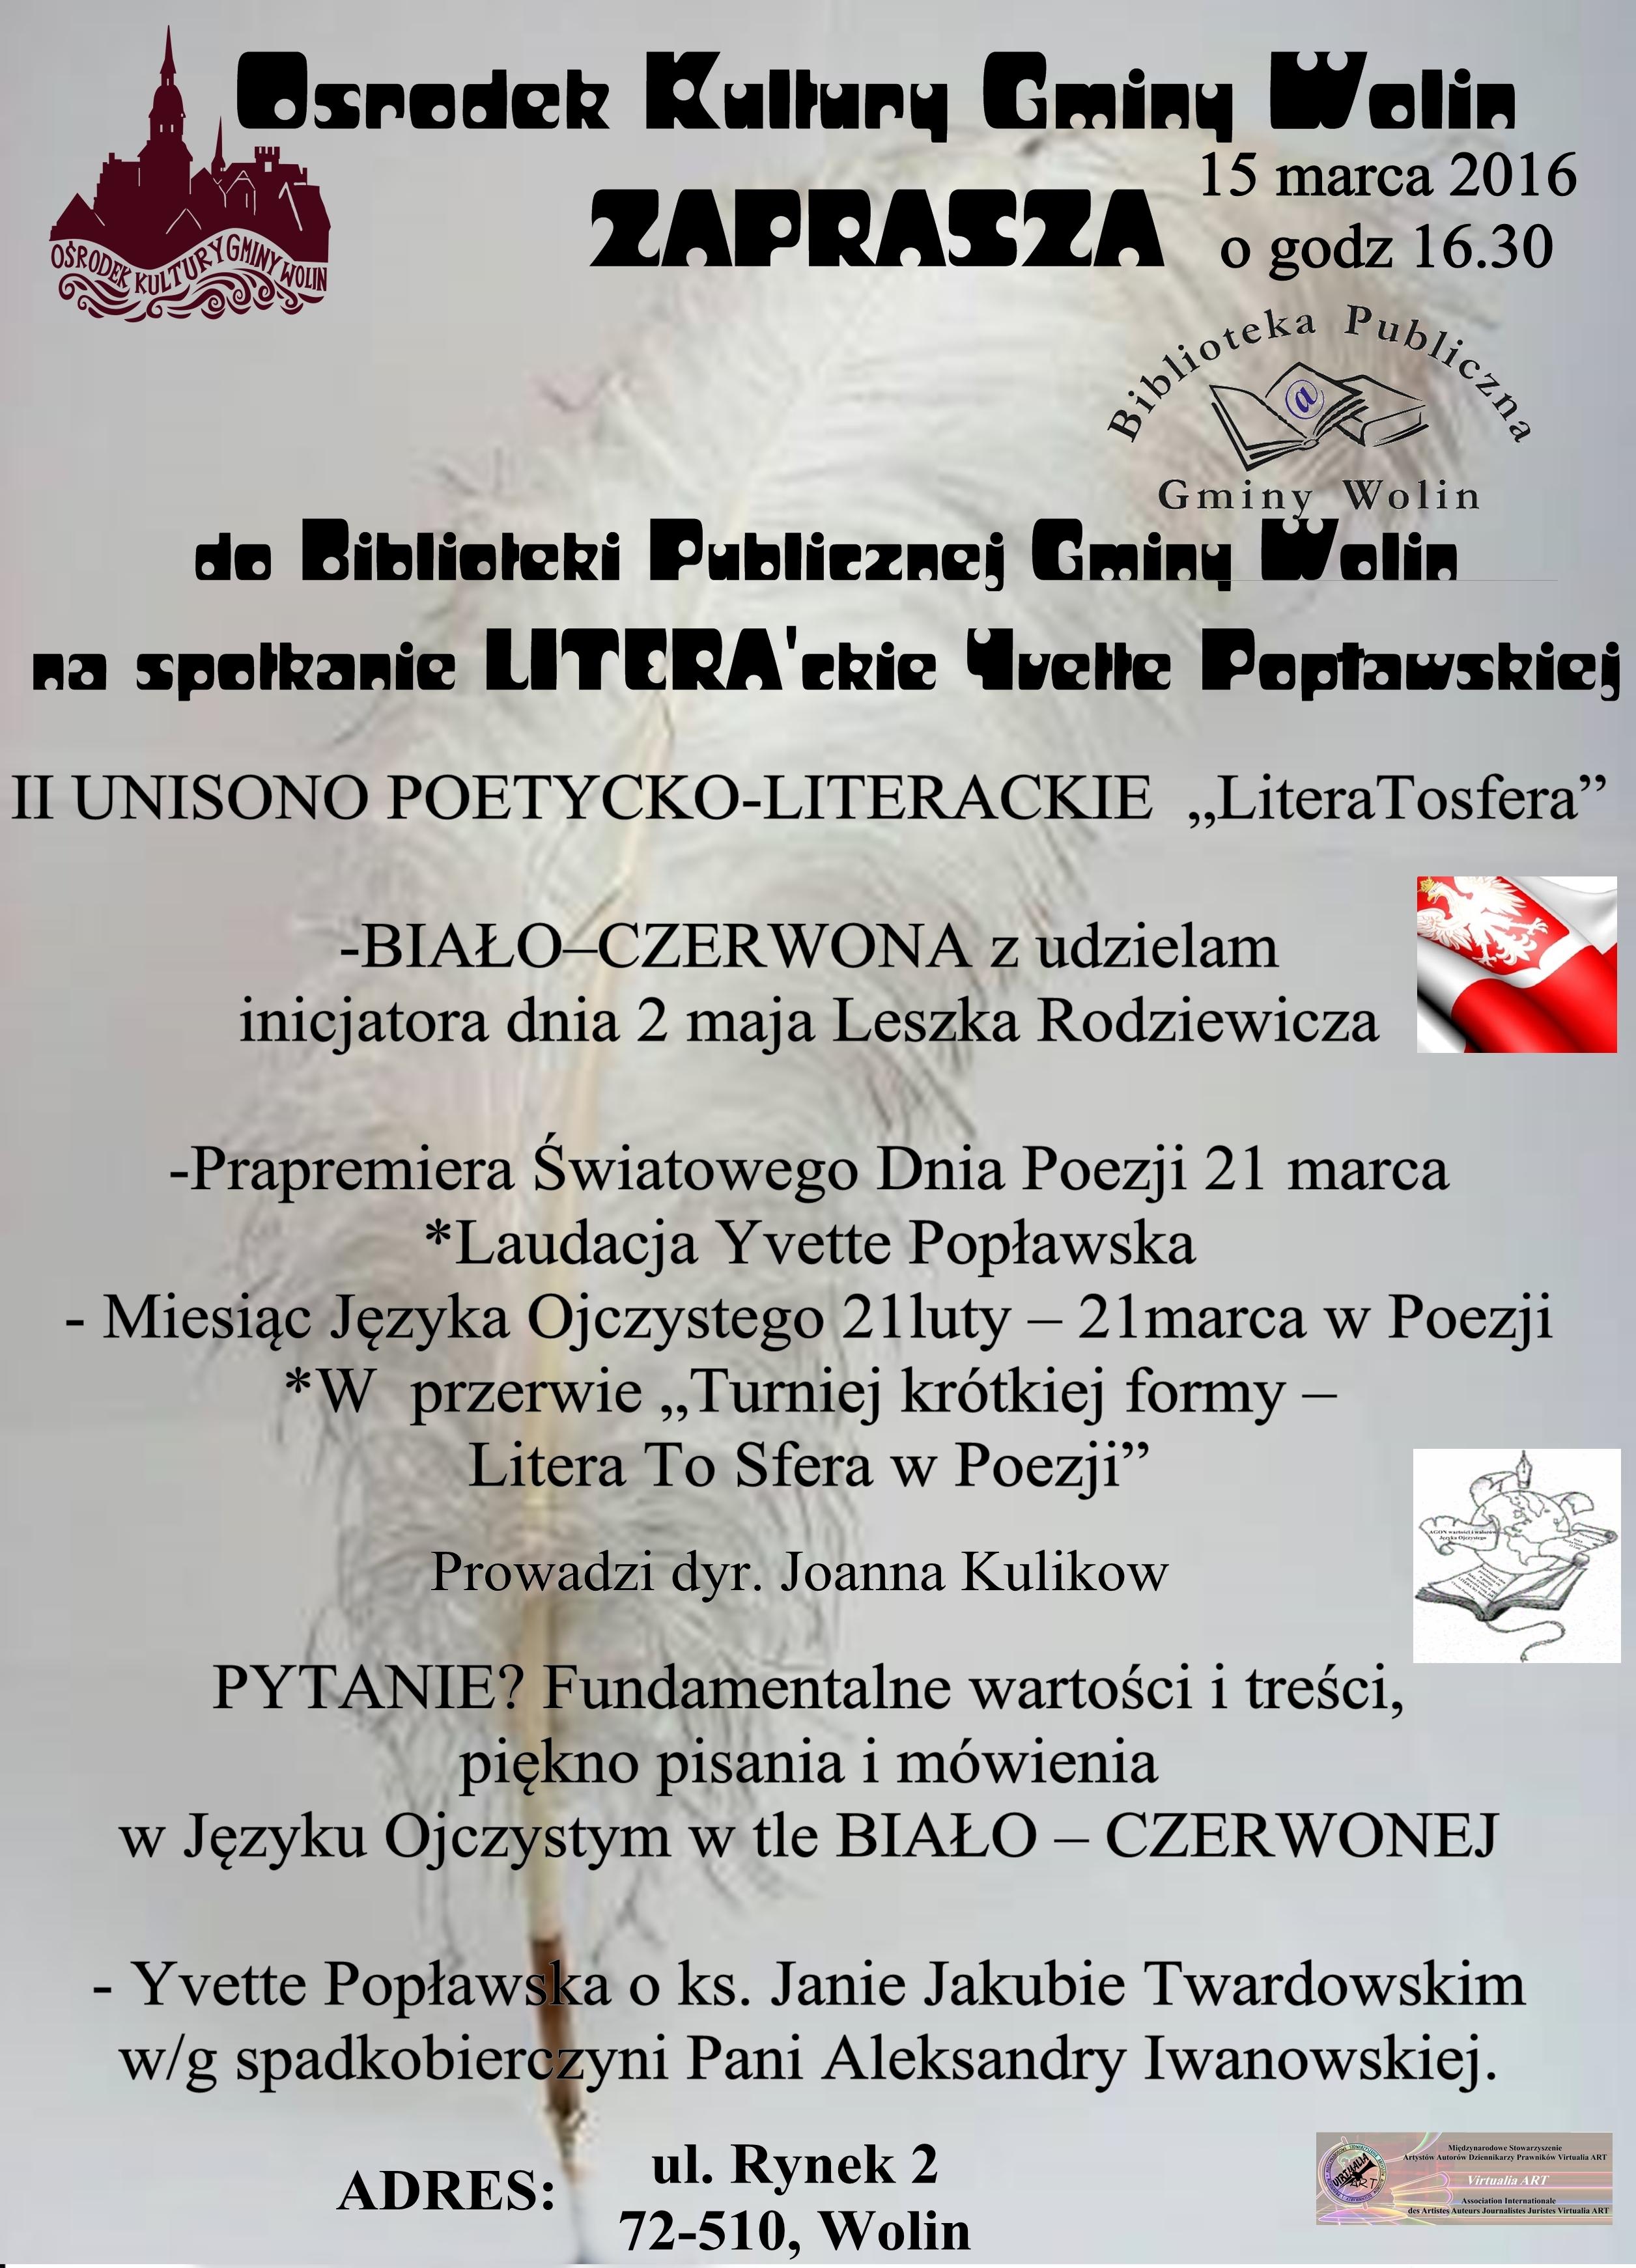 Spotkanie literackie z Yvette Popławską